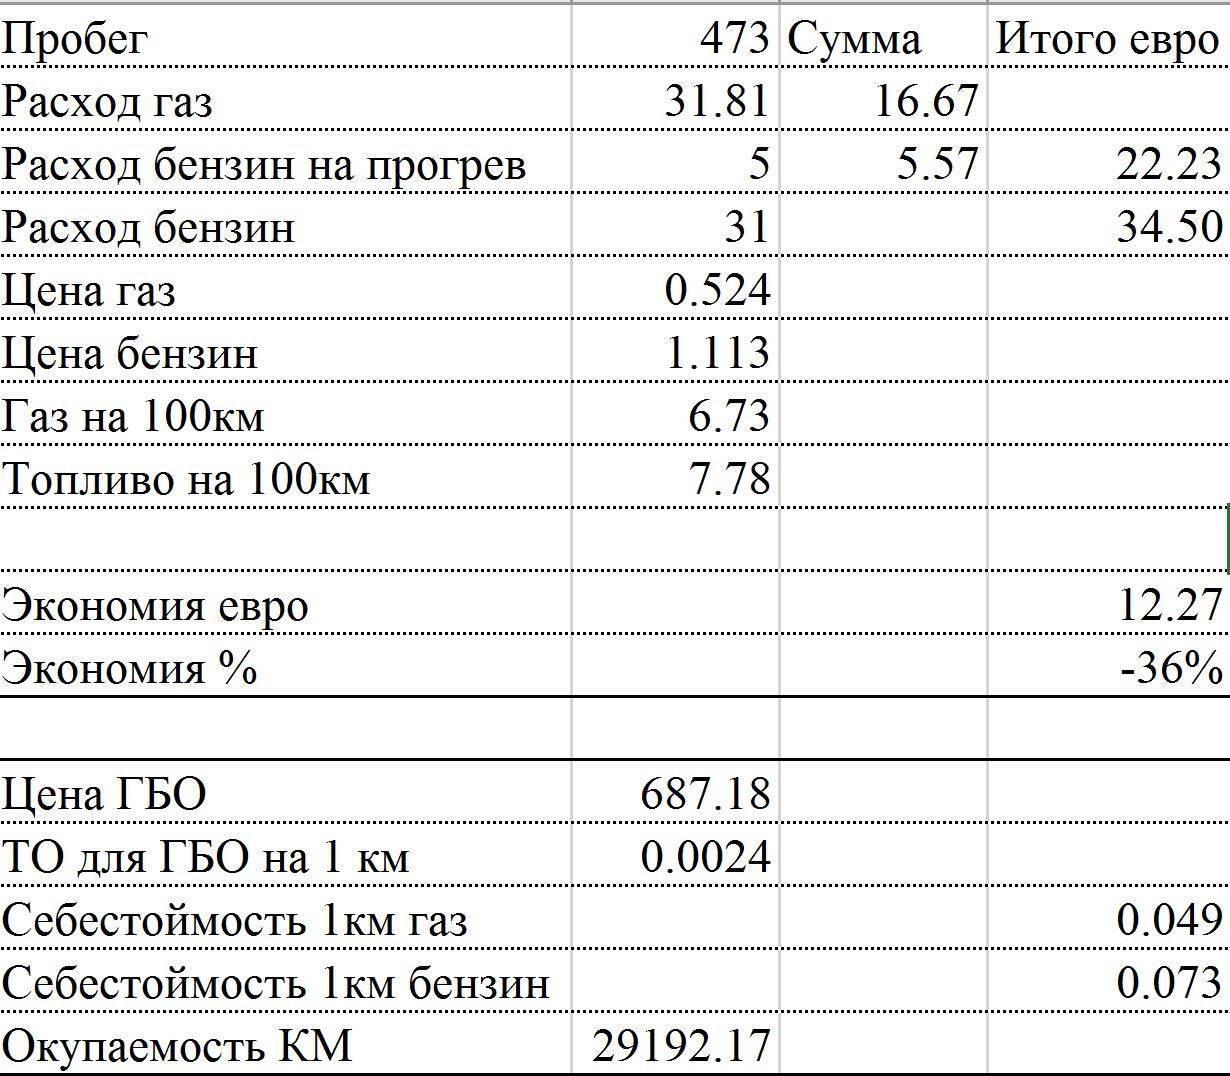 Газ-3309 (дизель): технические характеристики